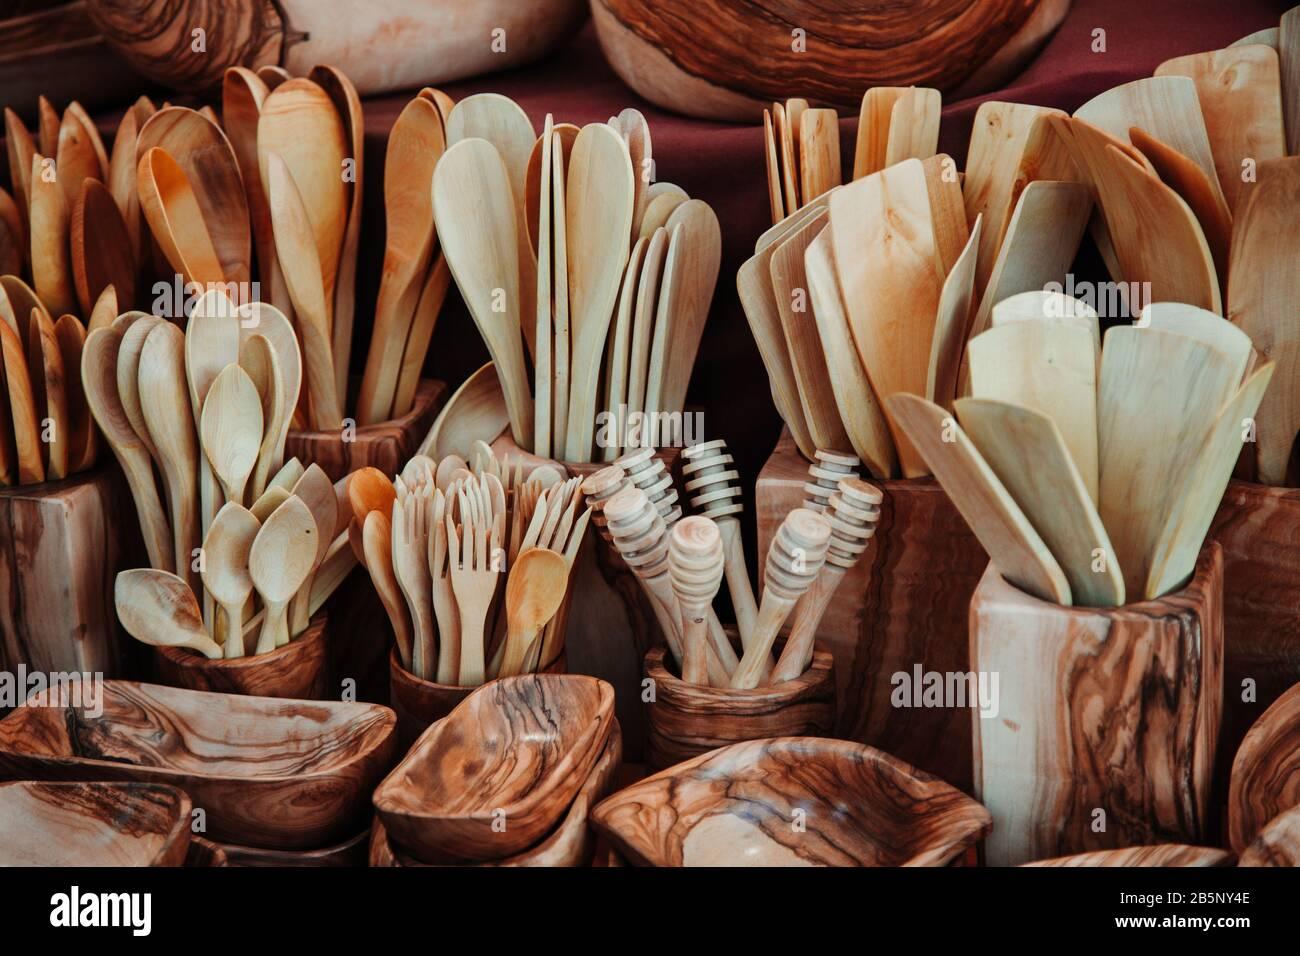 Various wooden kitchen utensils stock photo Stock Photo